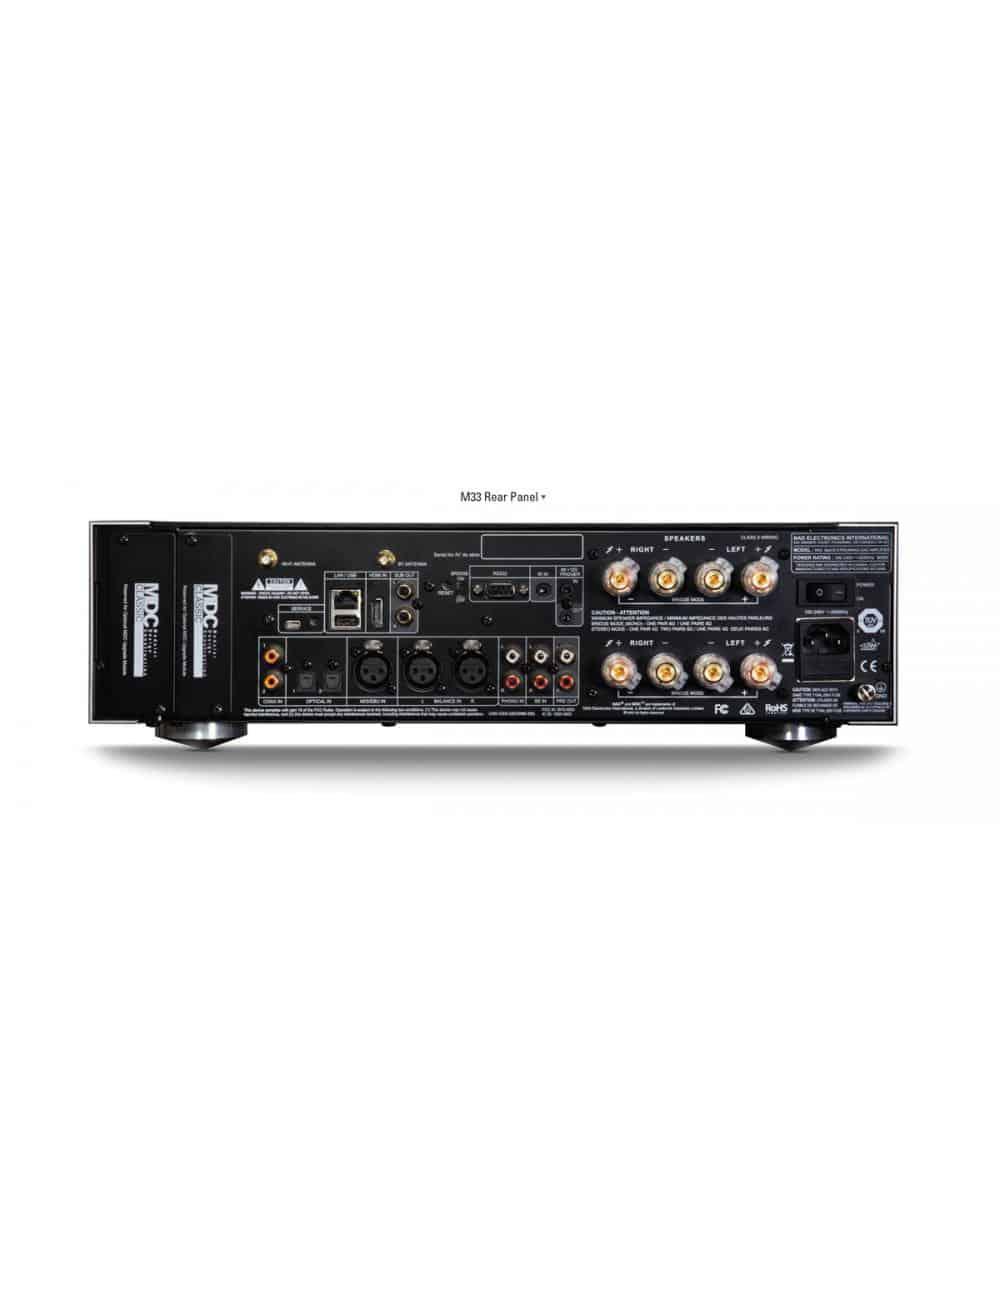 amplificatore integrato HiFi, NAD M33 BluOS Streaming DAC Amplifier, serie Master, vista posteriore pannello connessioni